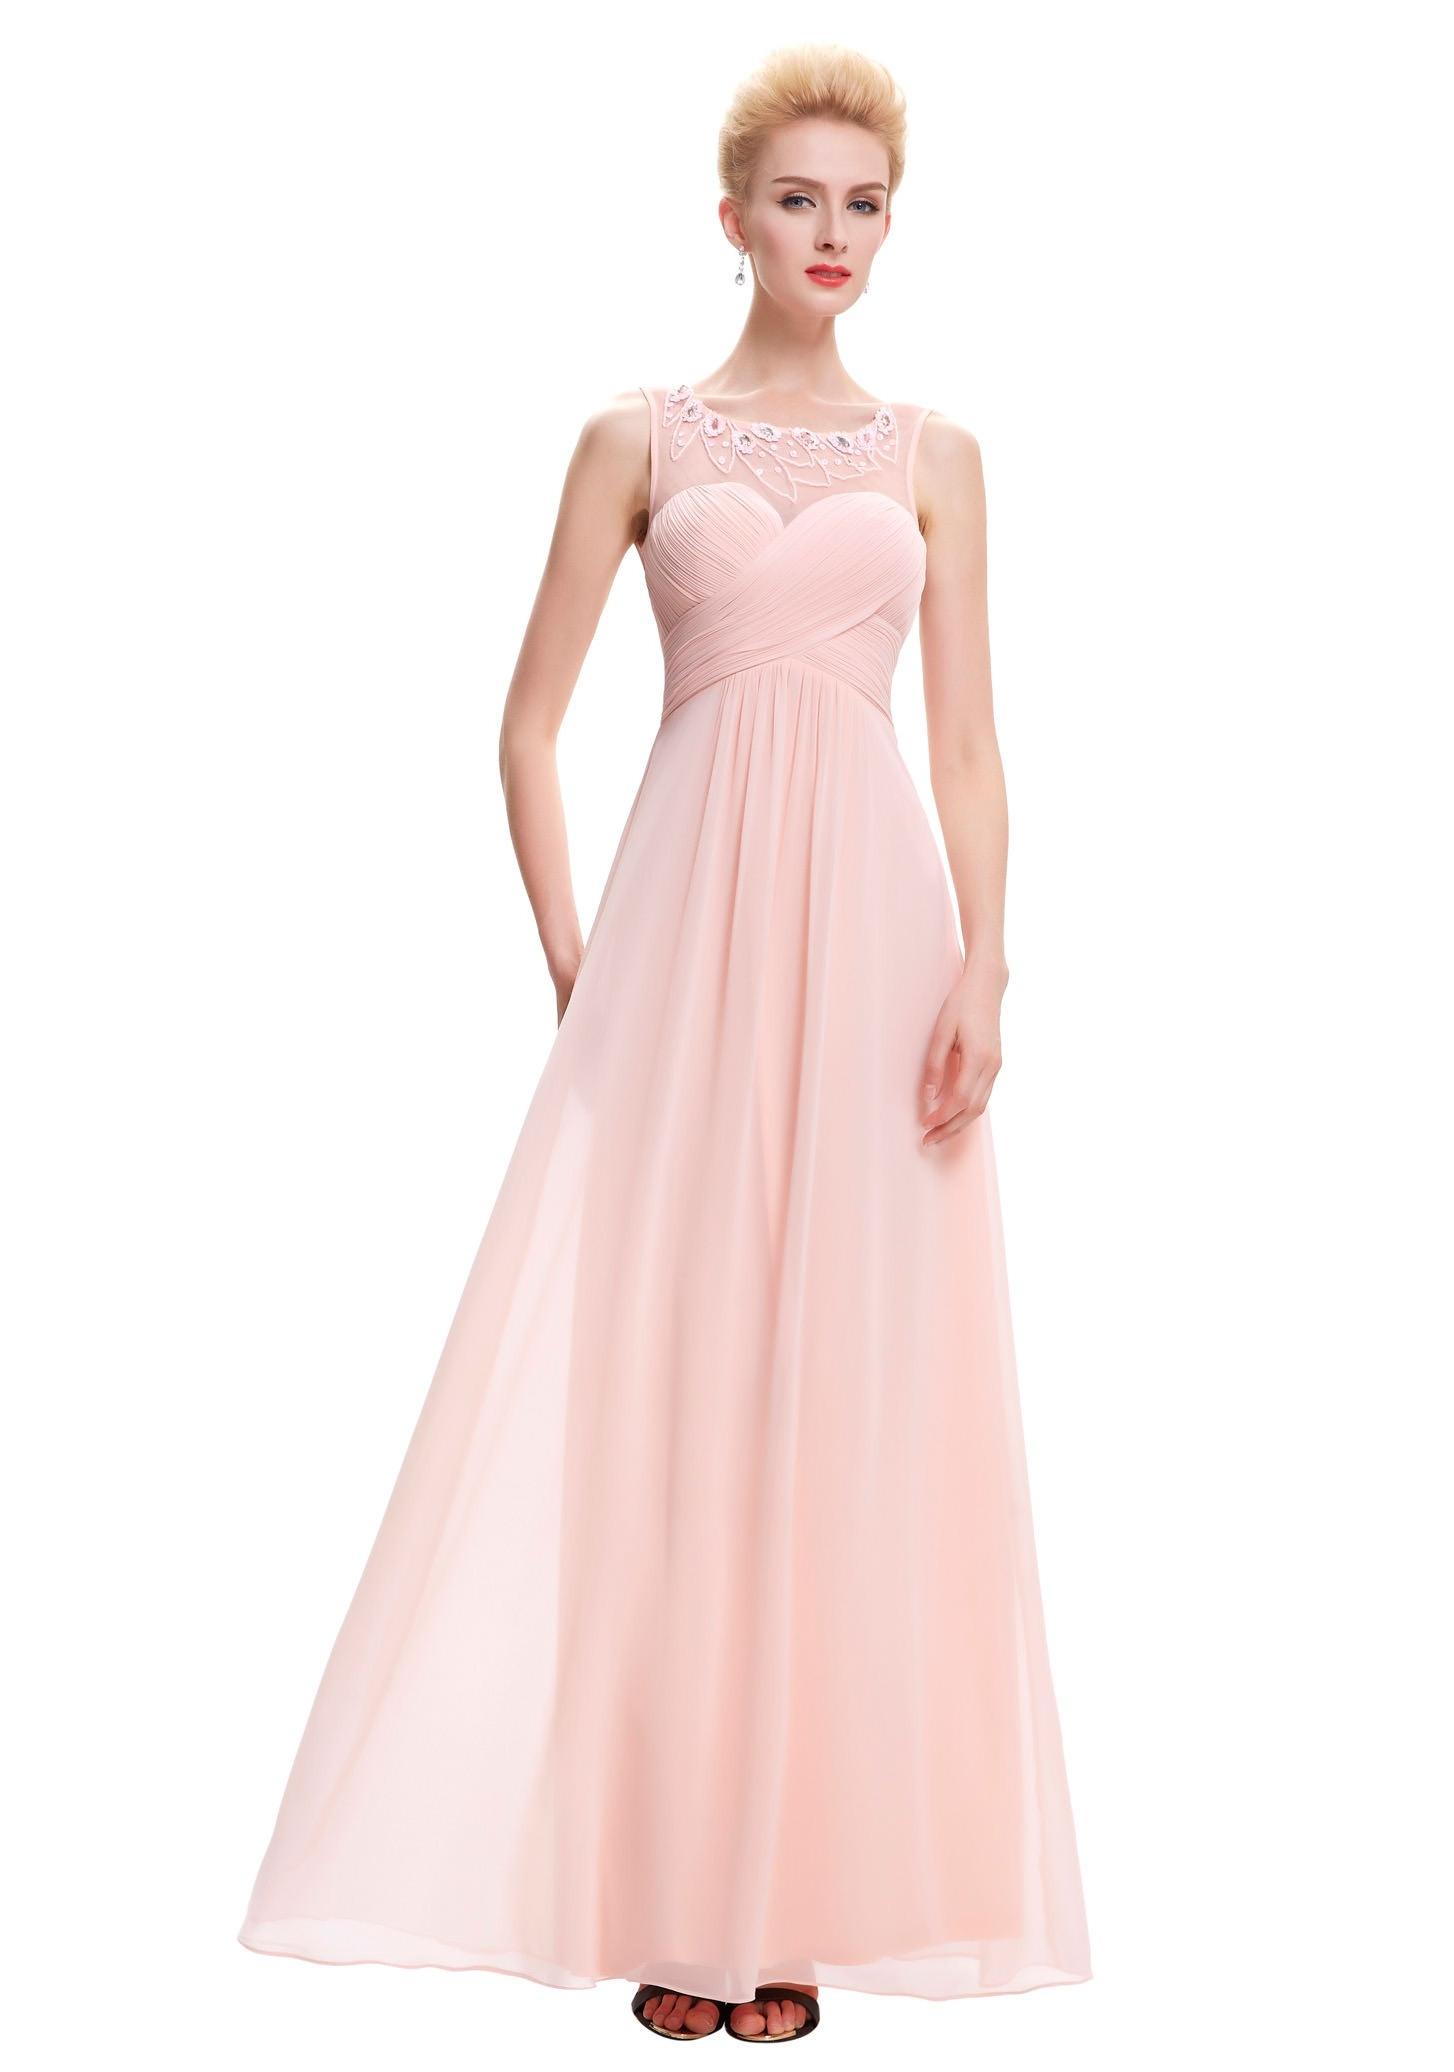 13 Luxurius Langes Abendkleid Kaufen Galerie15 Genial Langes Abendkleid Kaufen Design